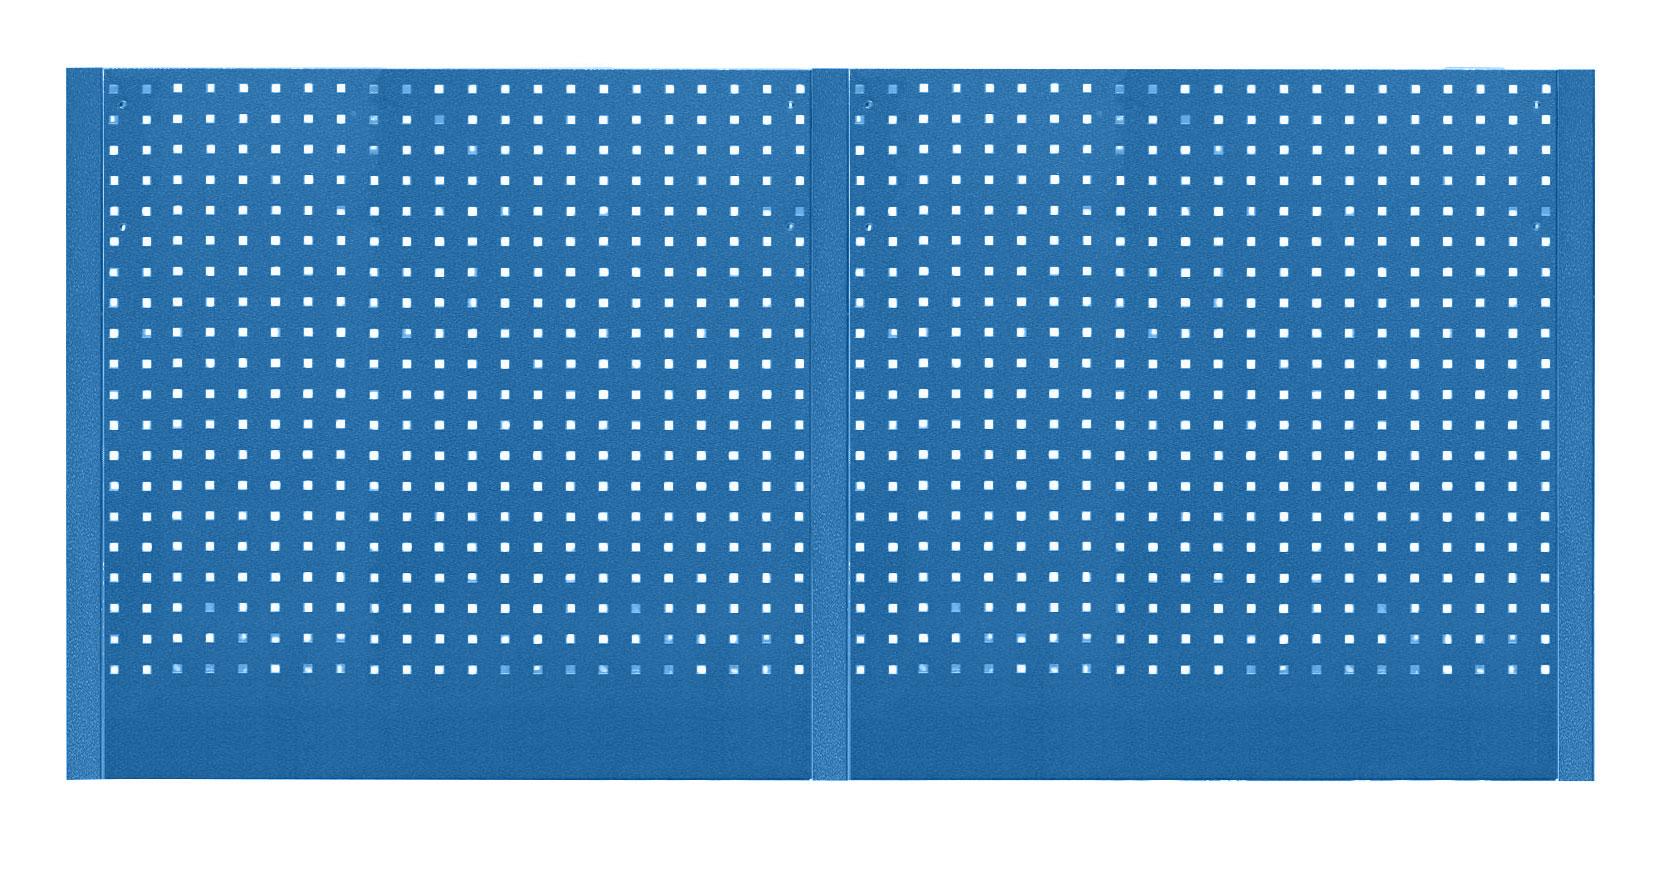 Sestava PROFI BLUE 2x děrovaná závěsná deska a 3x lišty - MTGS1300BAL12